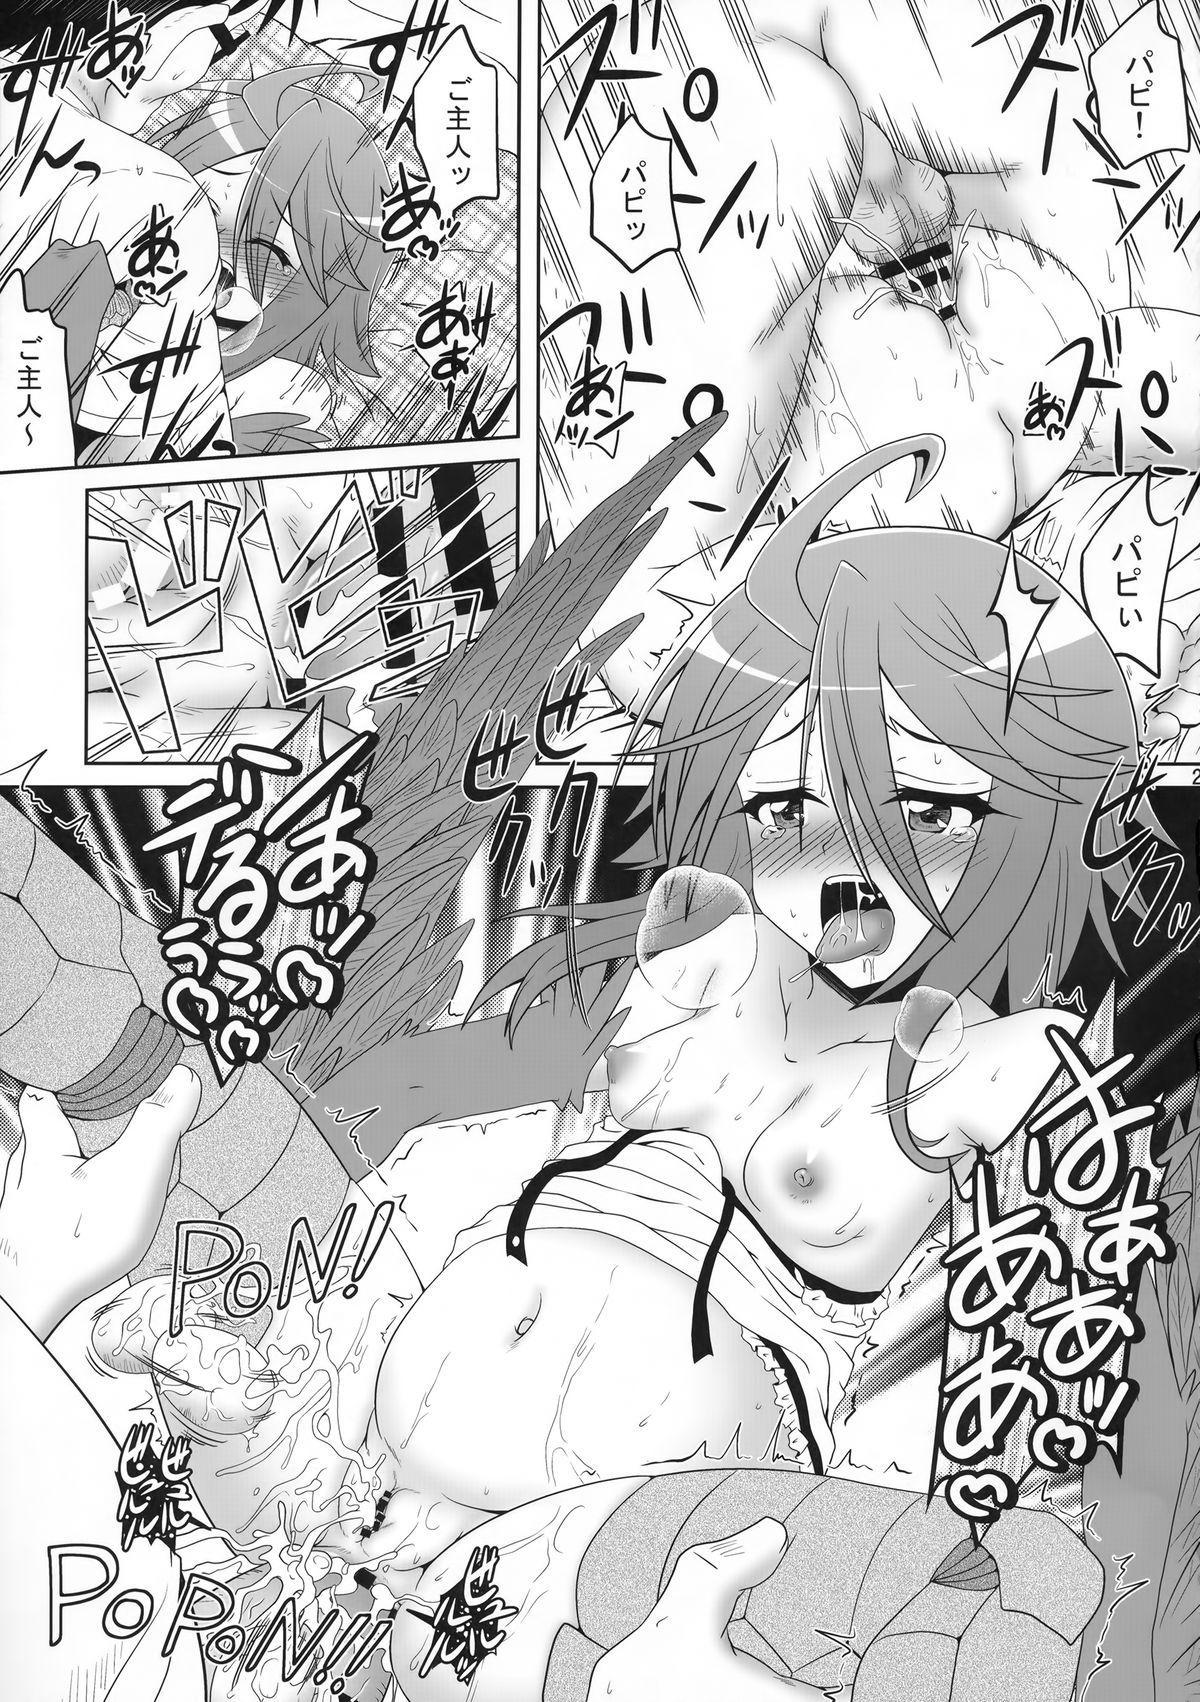 Harpy ga Tonari ni Iru Nichijou 19